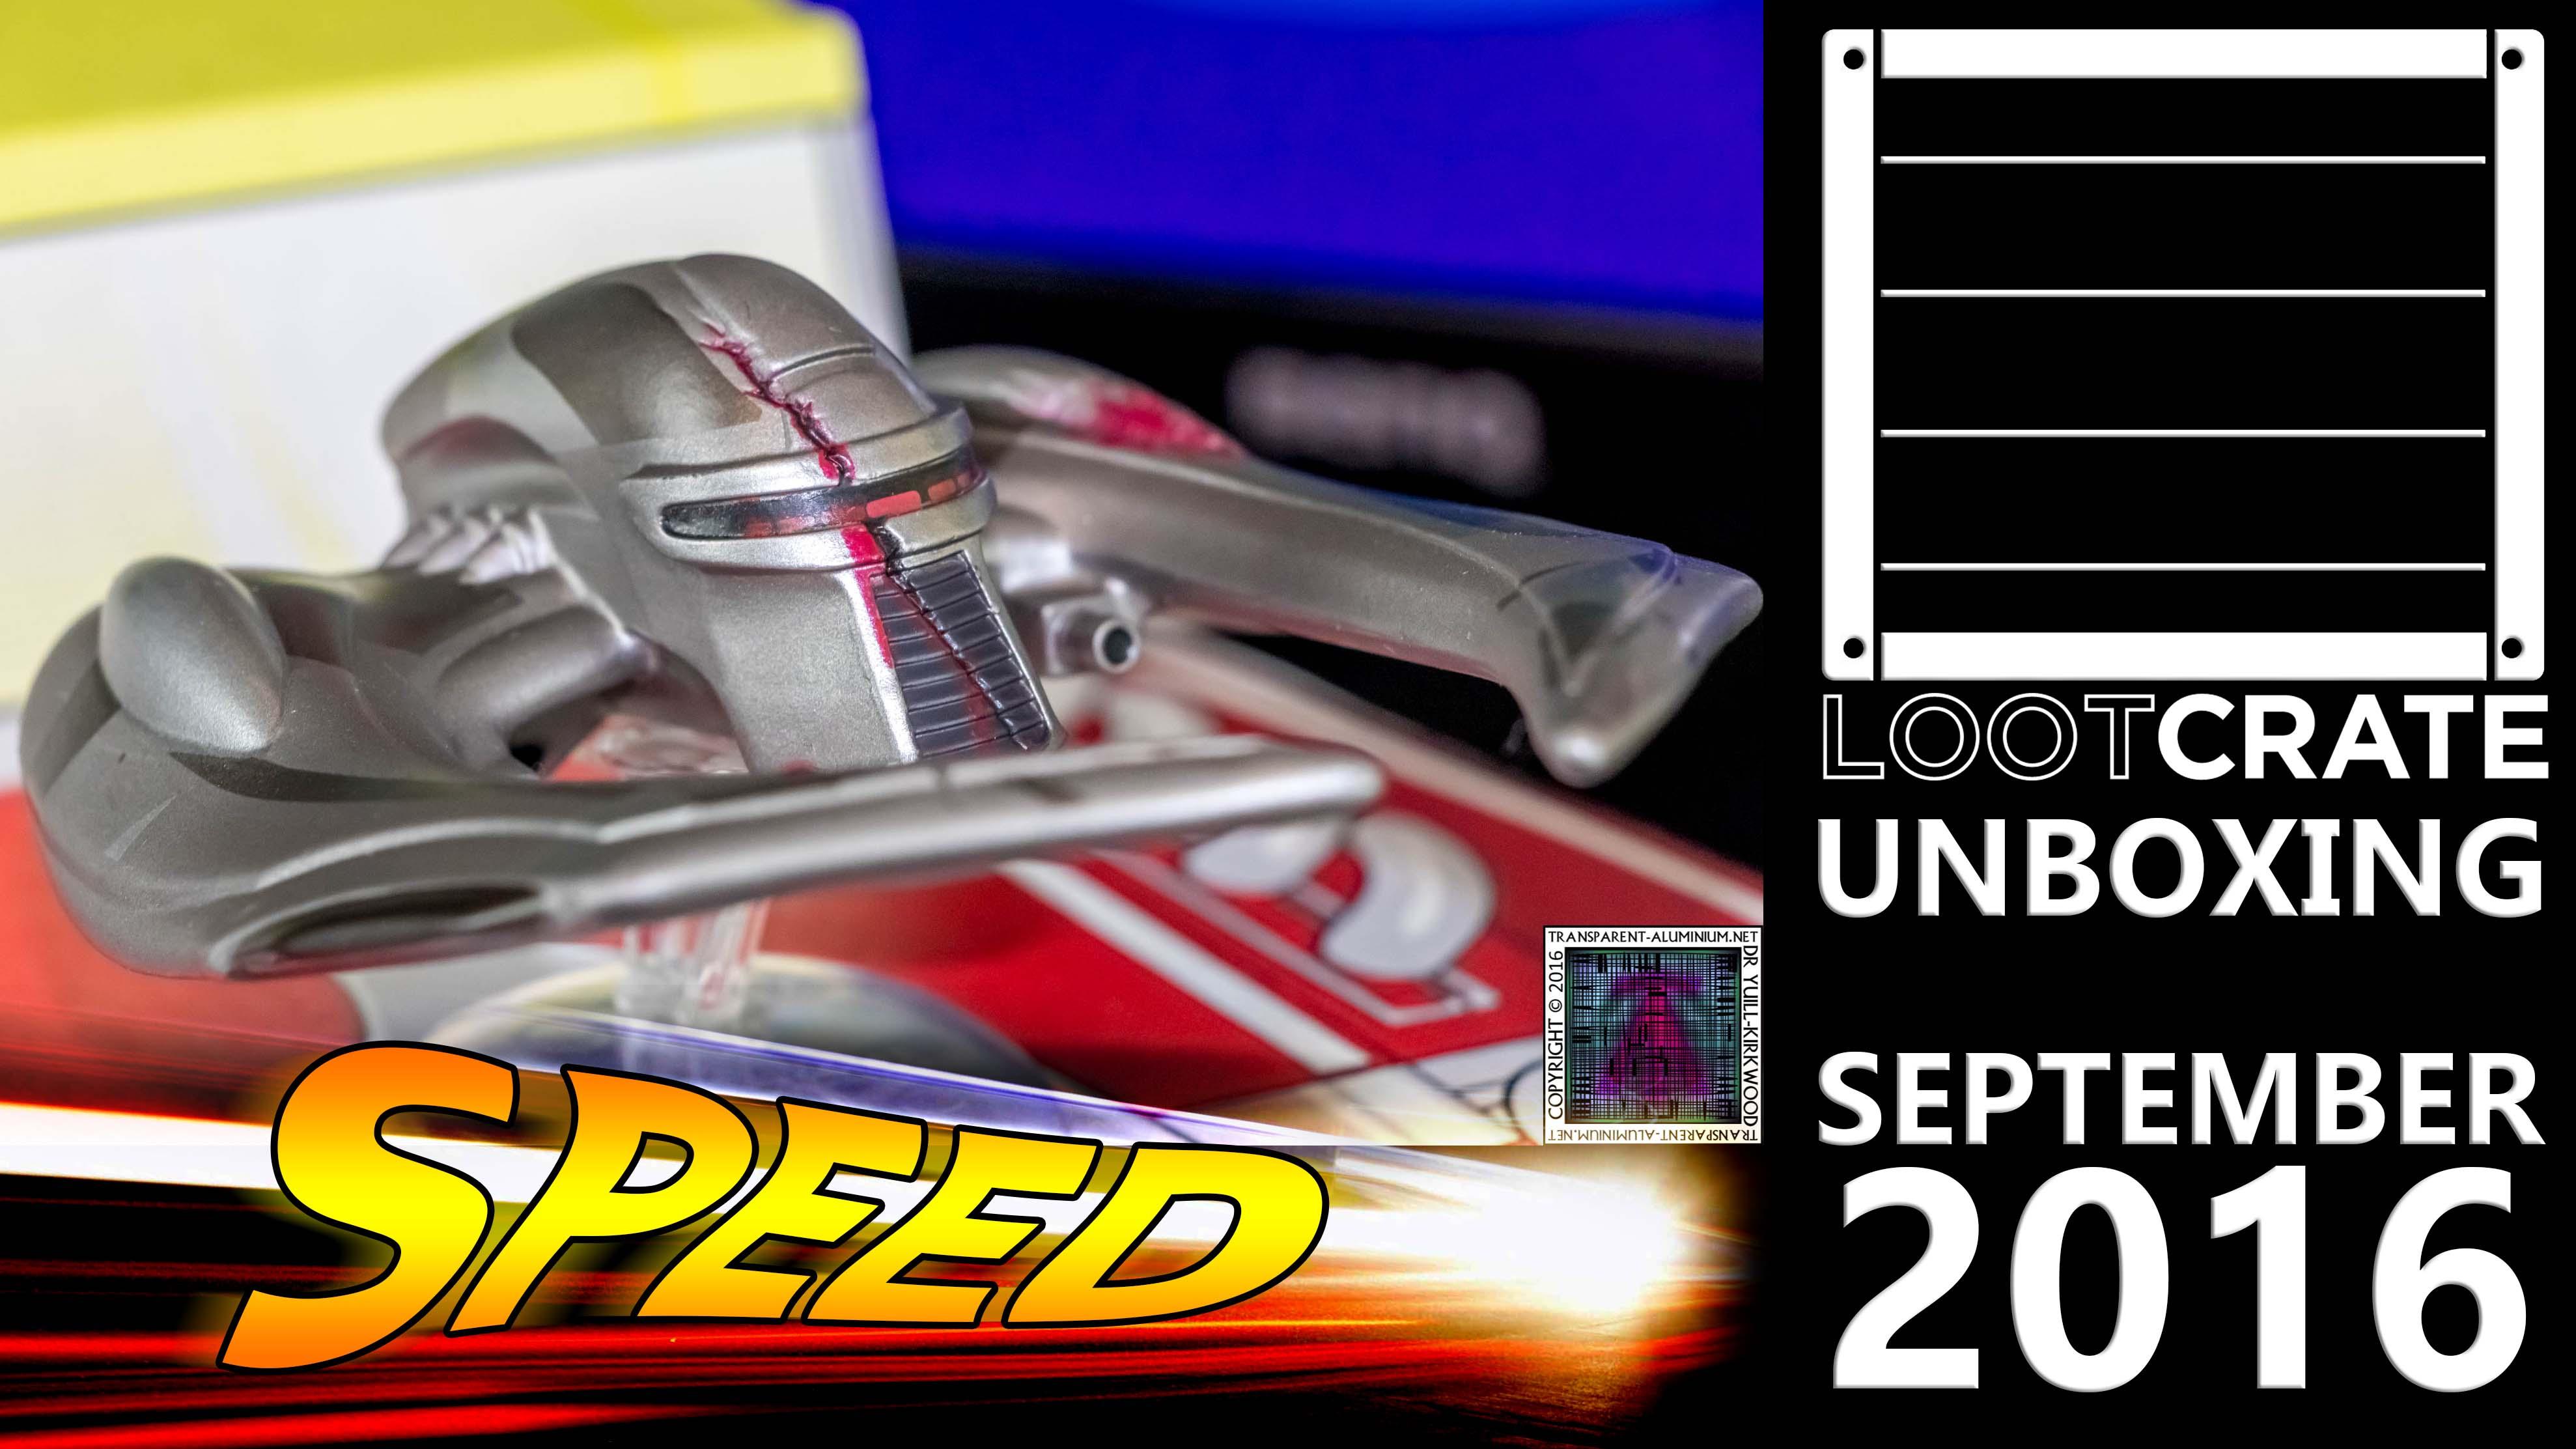 loot crate september 2016 speed thumb transparent aluminium net